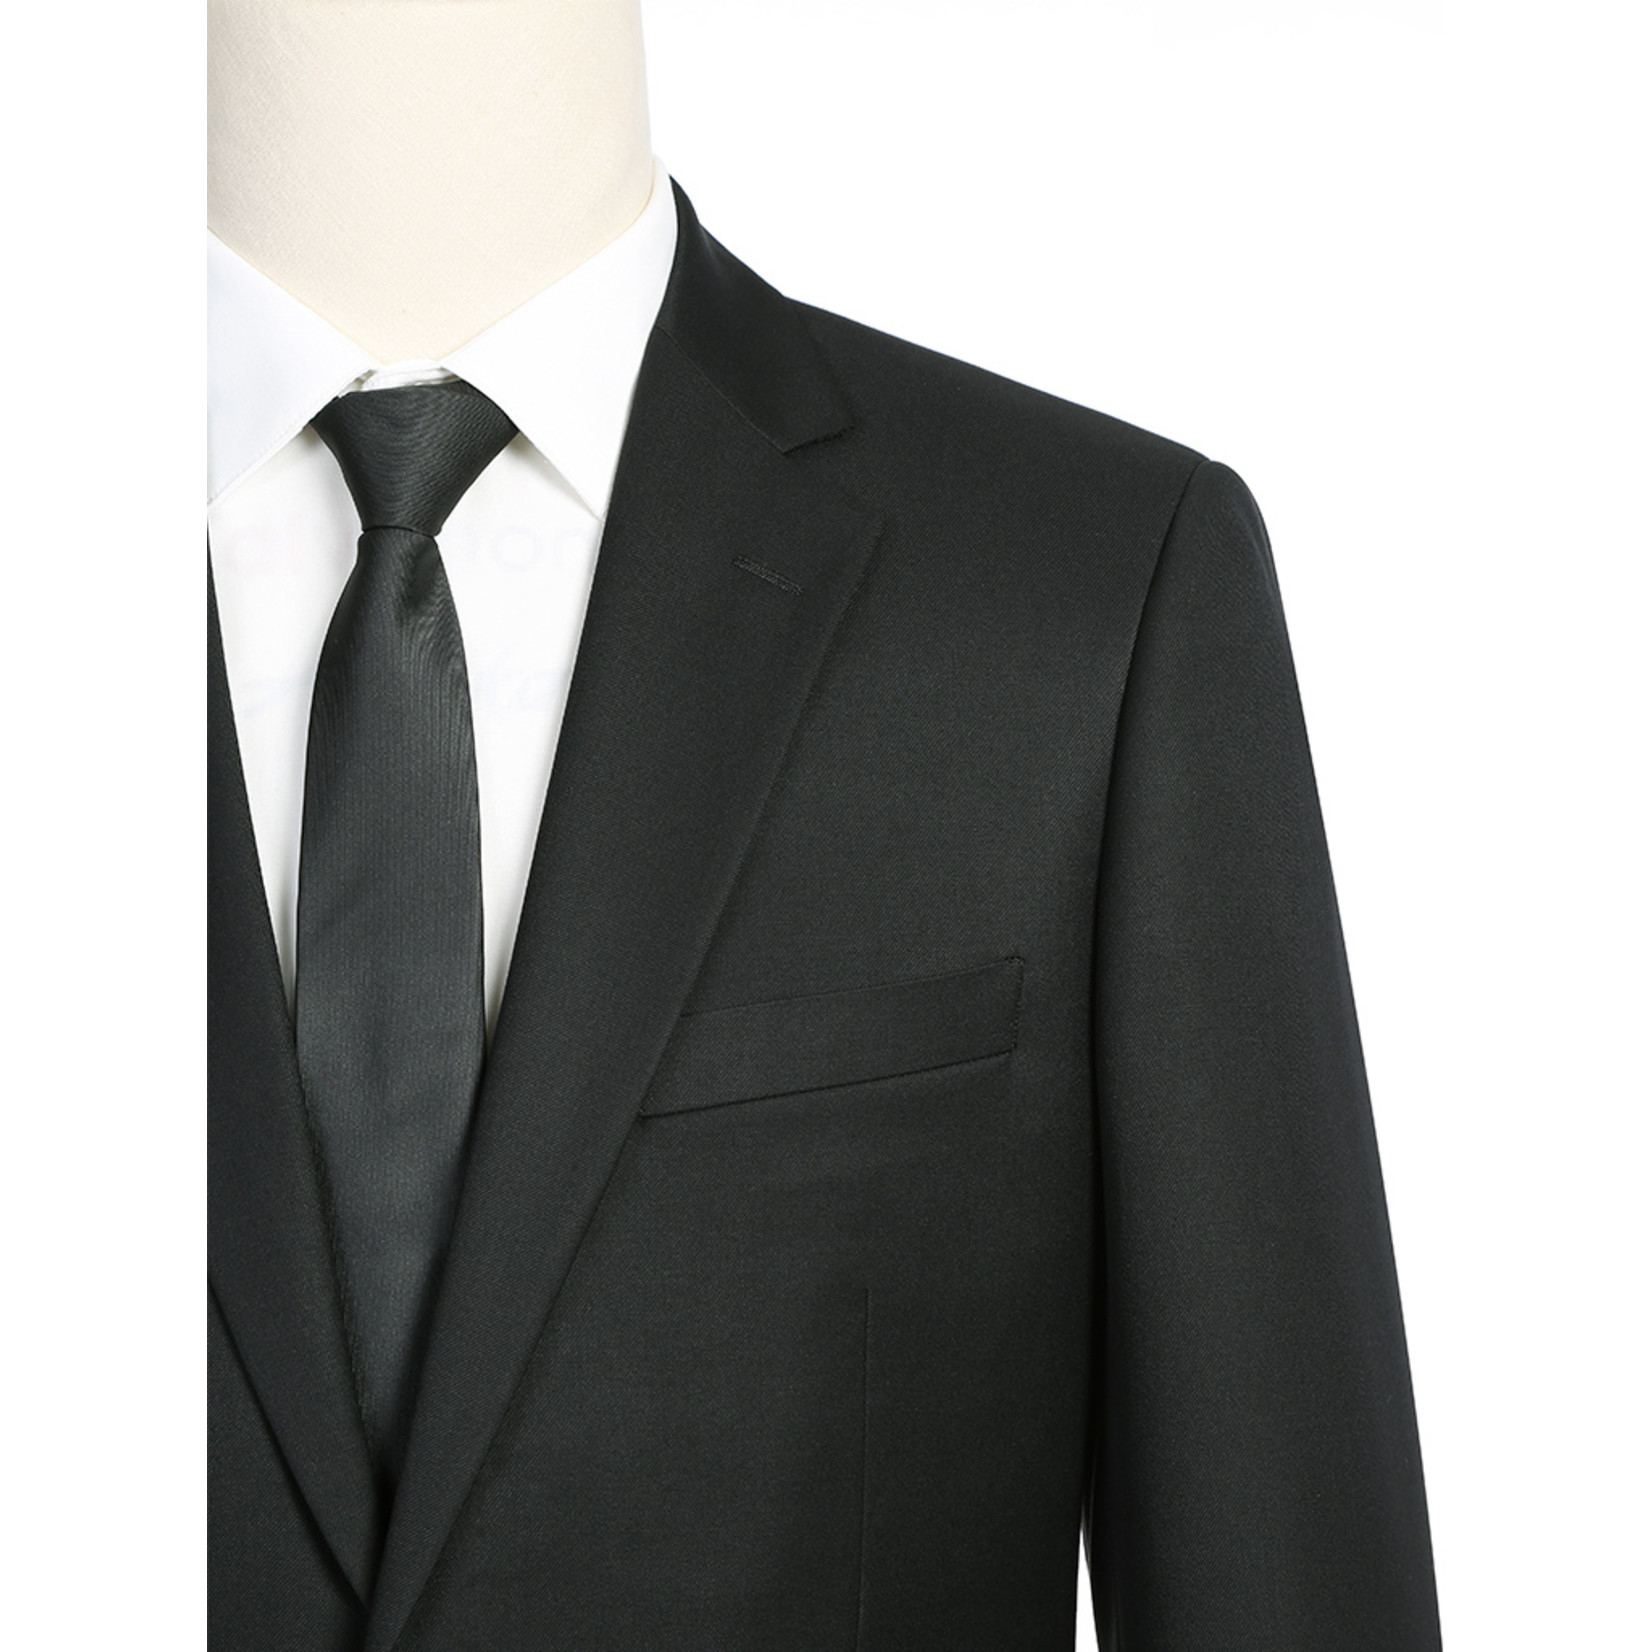 Renoir Renoir Classic Fit Suit 201-1 Black